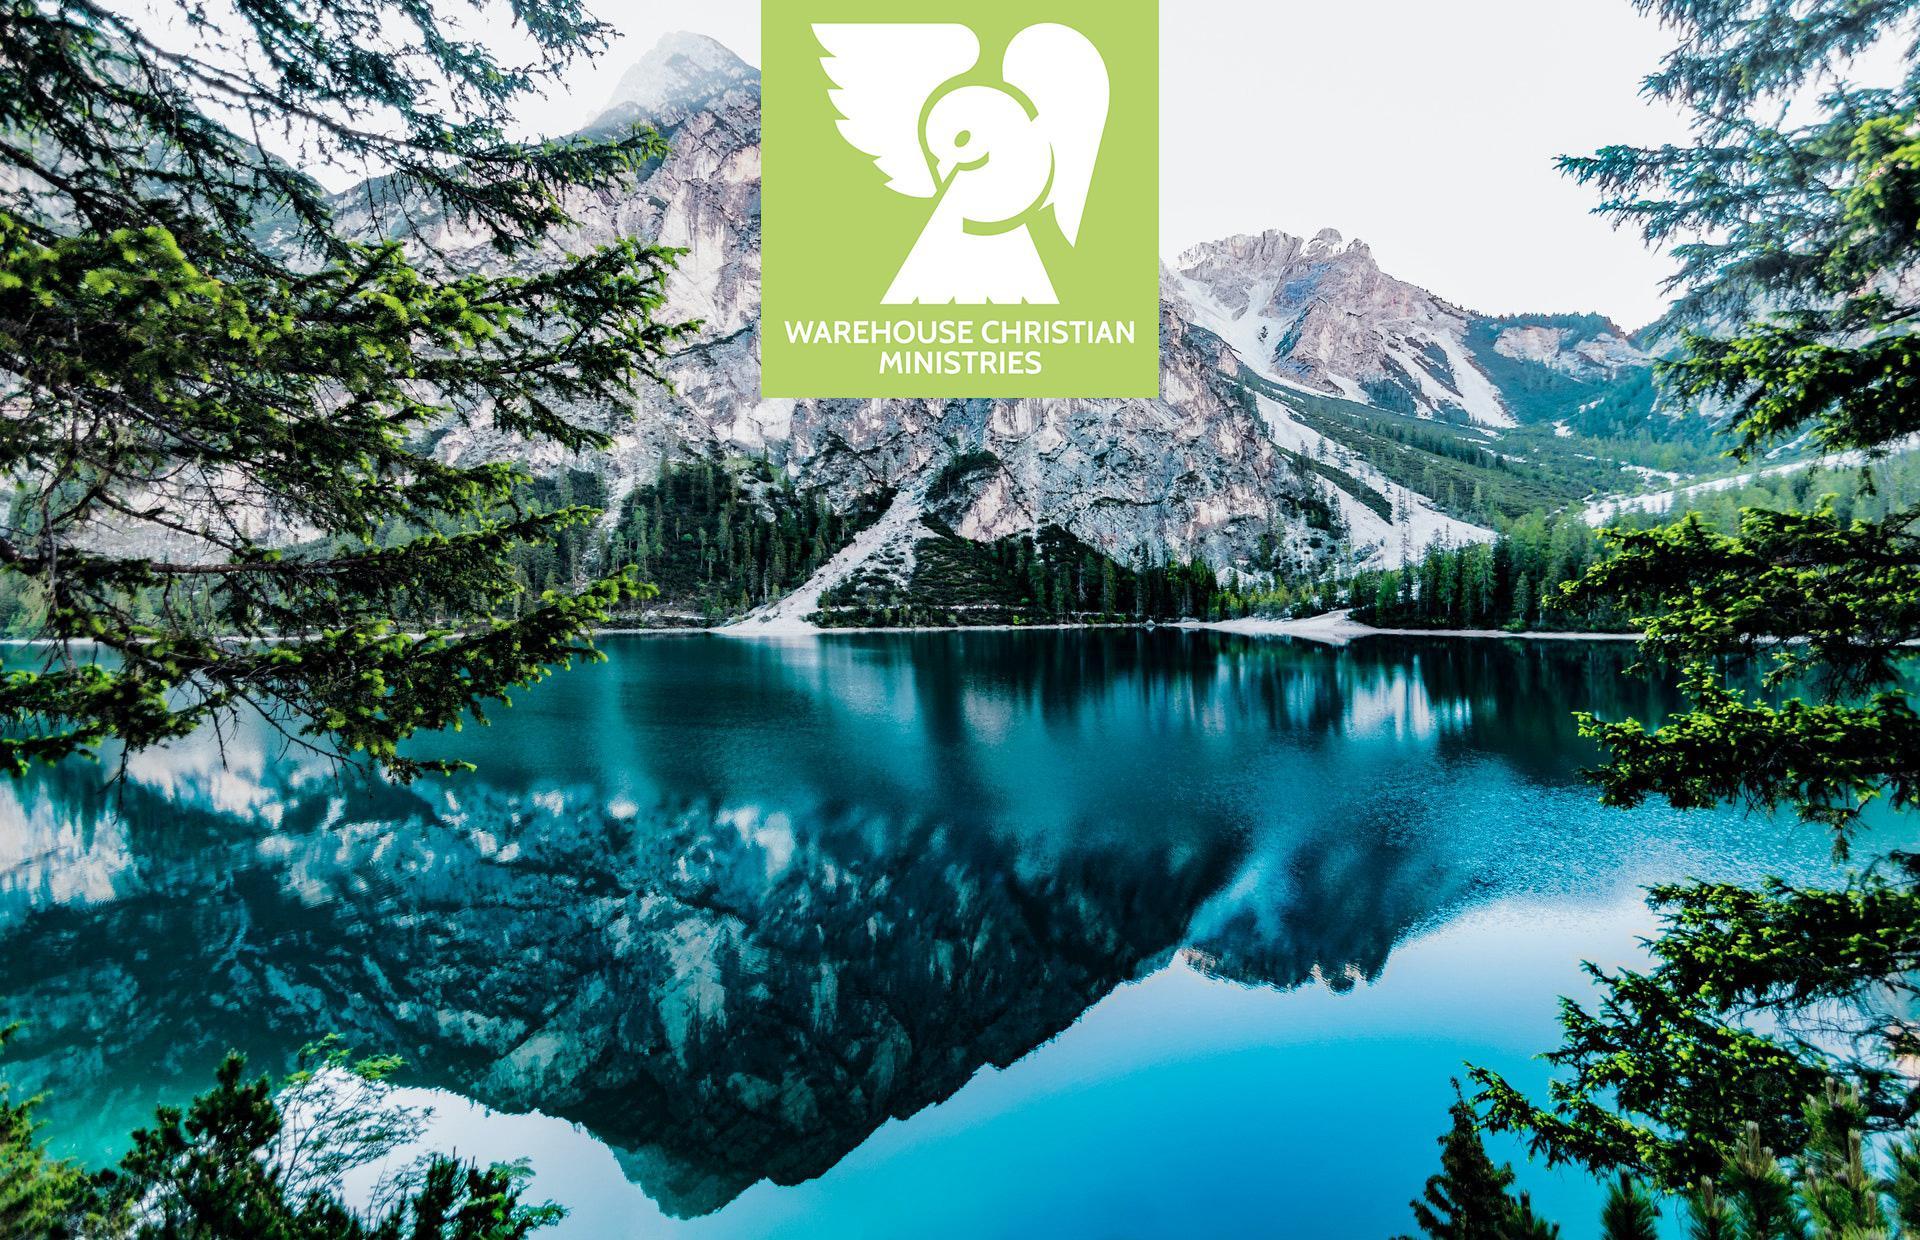 mountain lake with Warehouse Christian Ministries logo